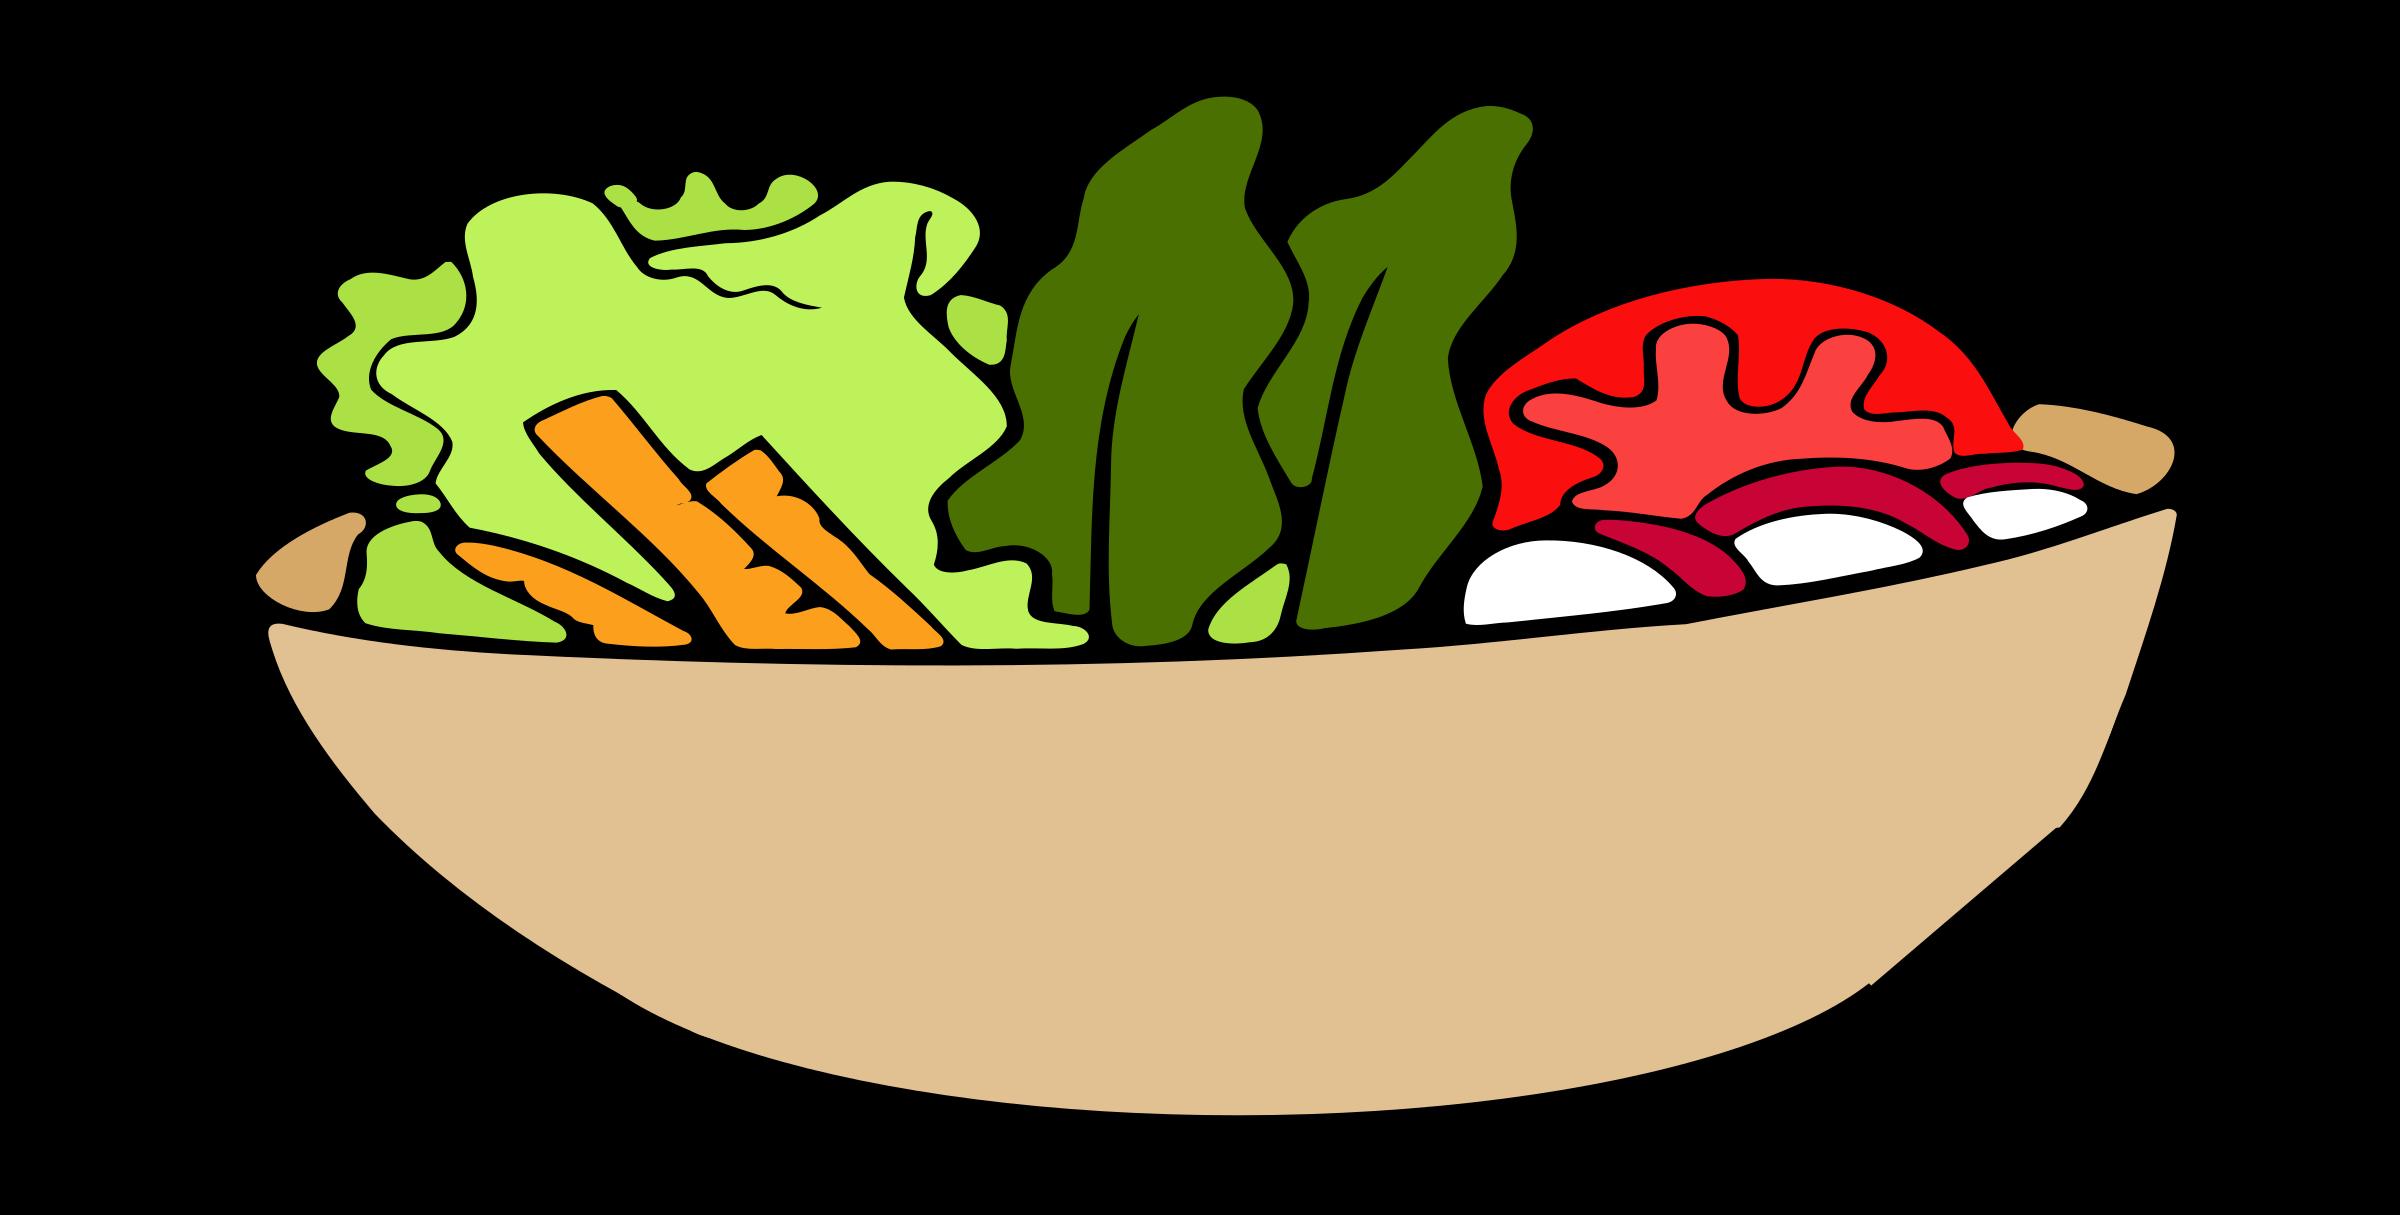 clip art library Salad vector. Clipart bowl big image